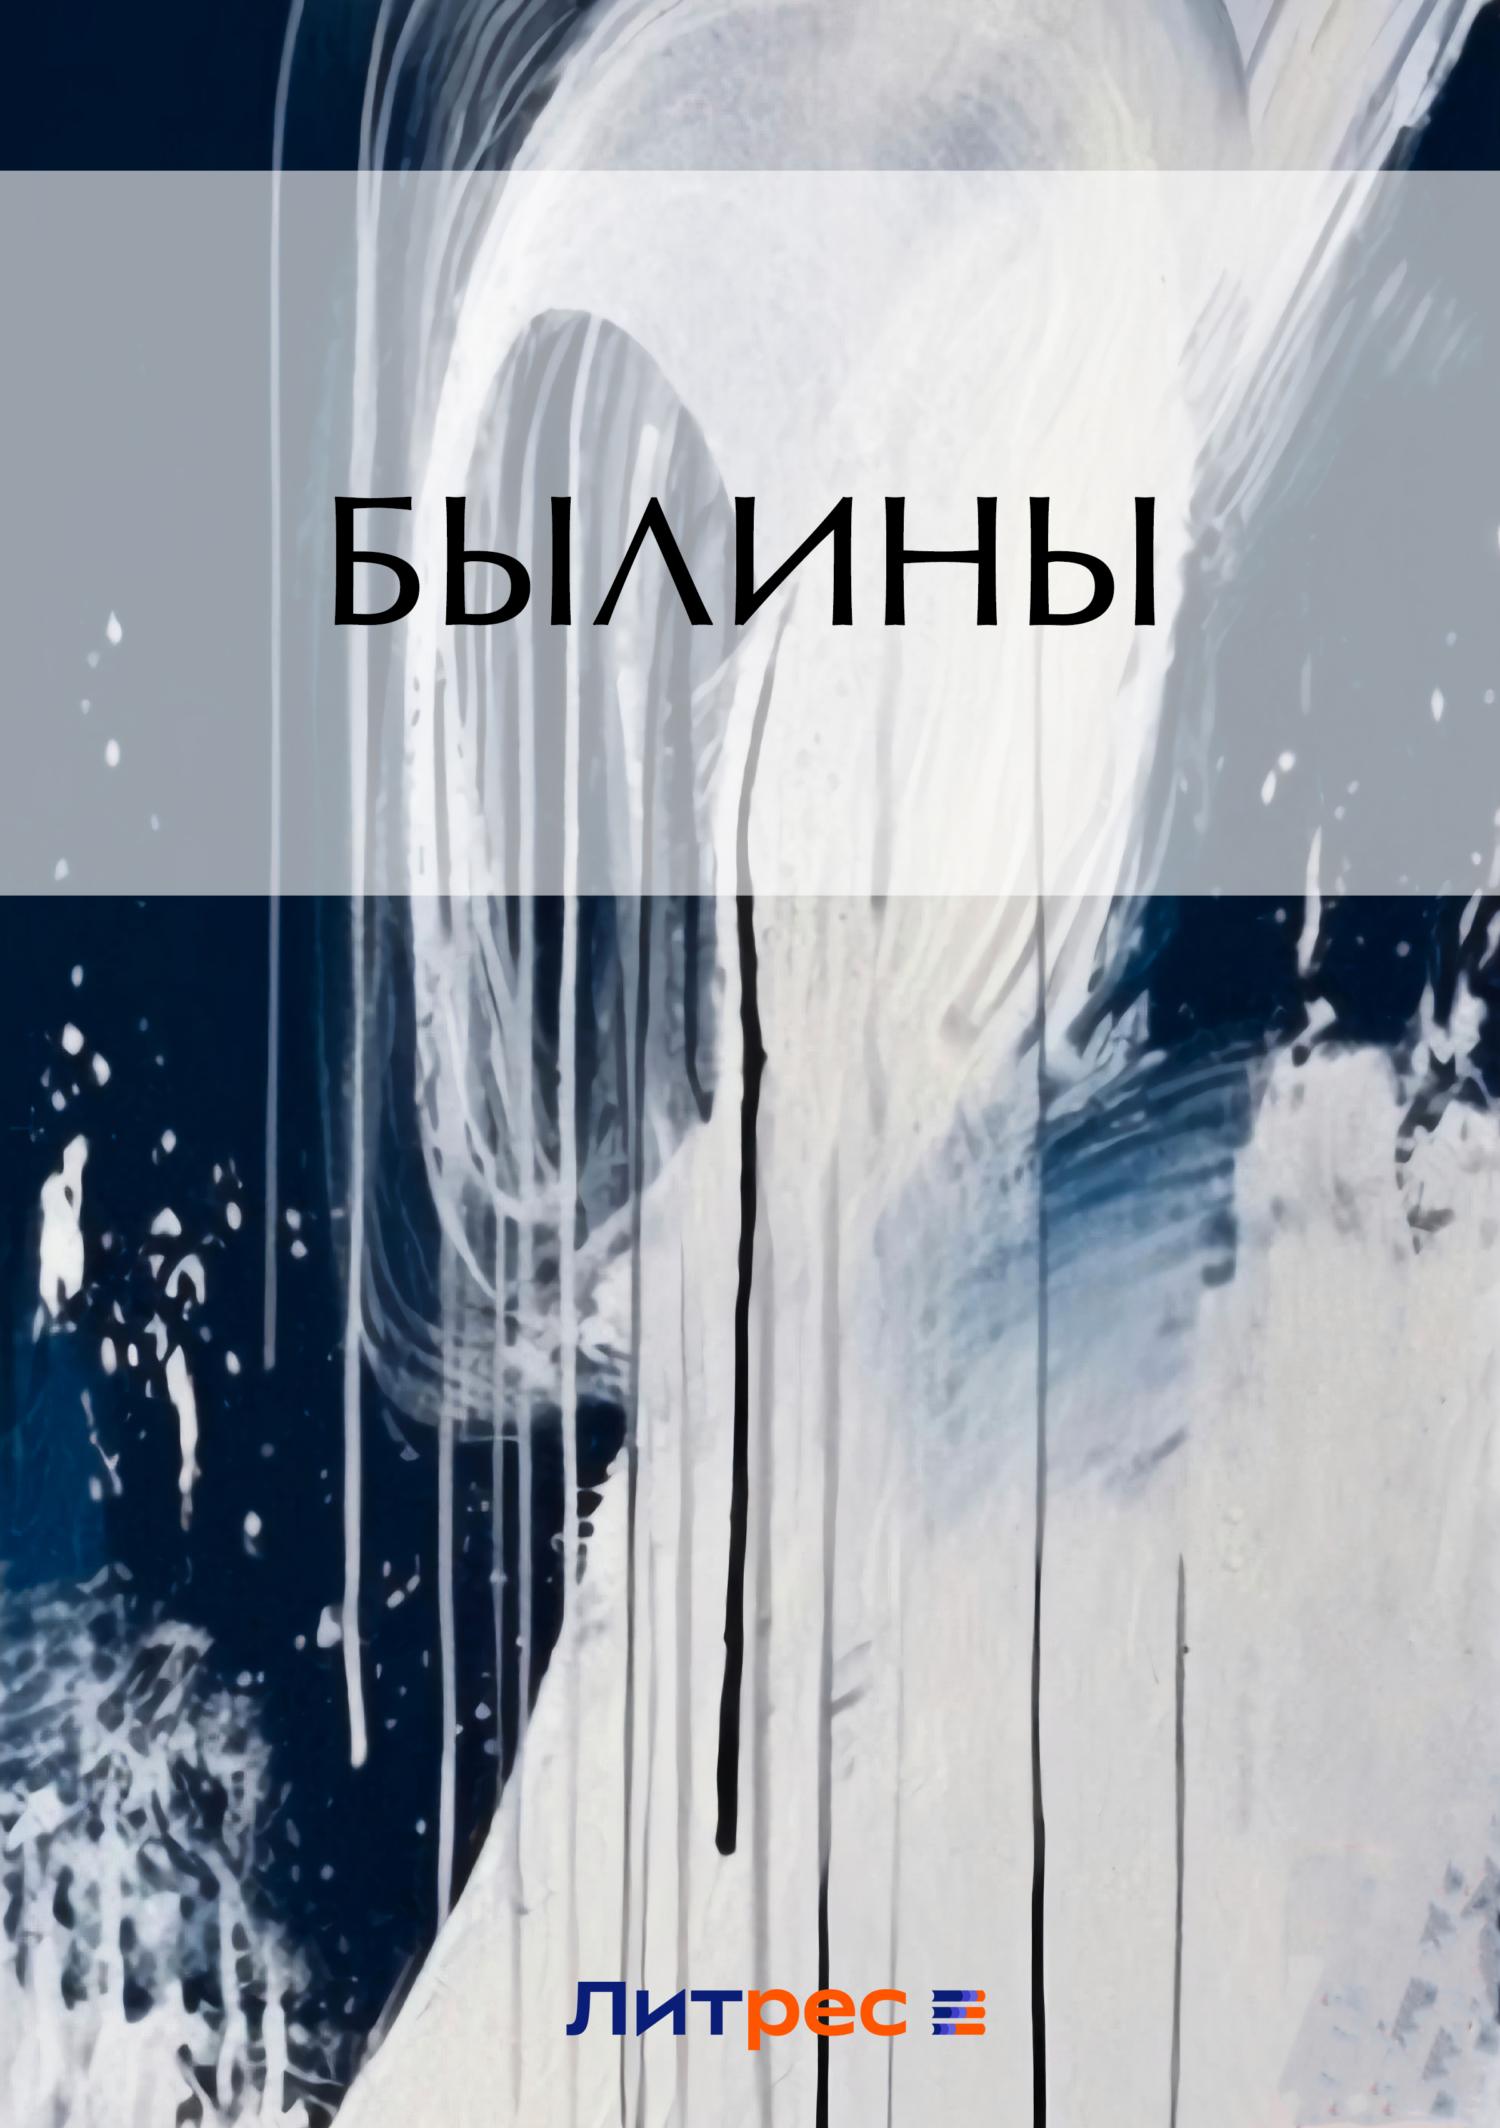 купить Коллектив авторов Былины онлайн